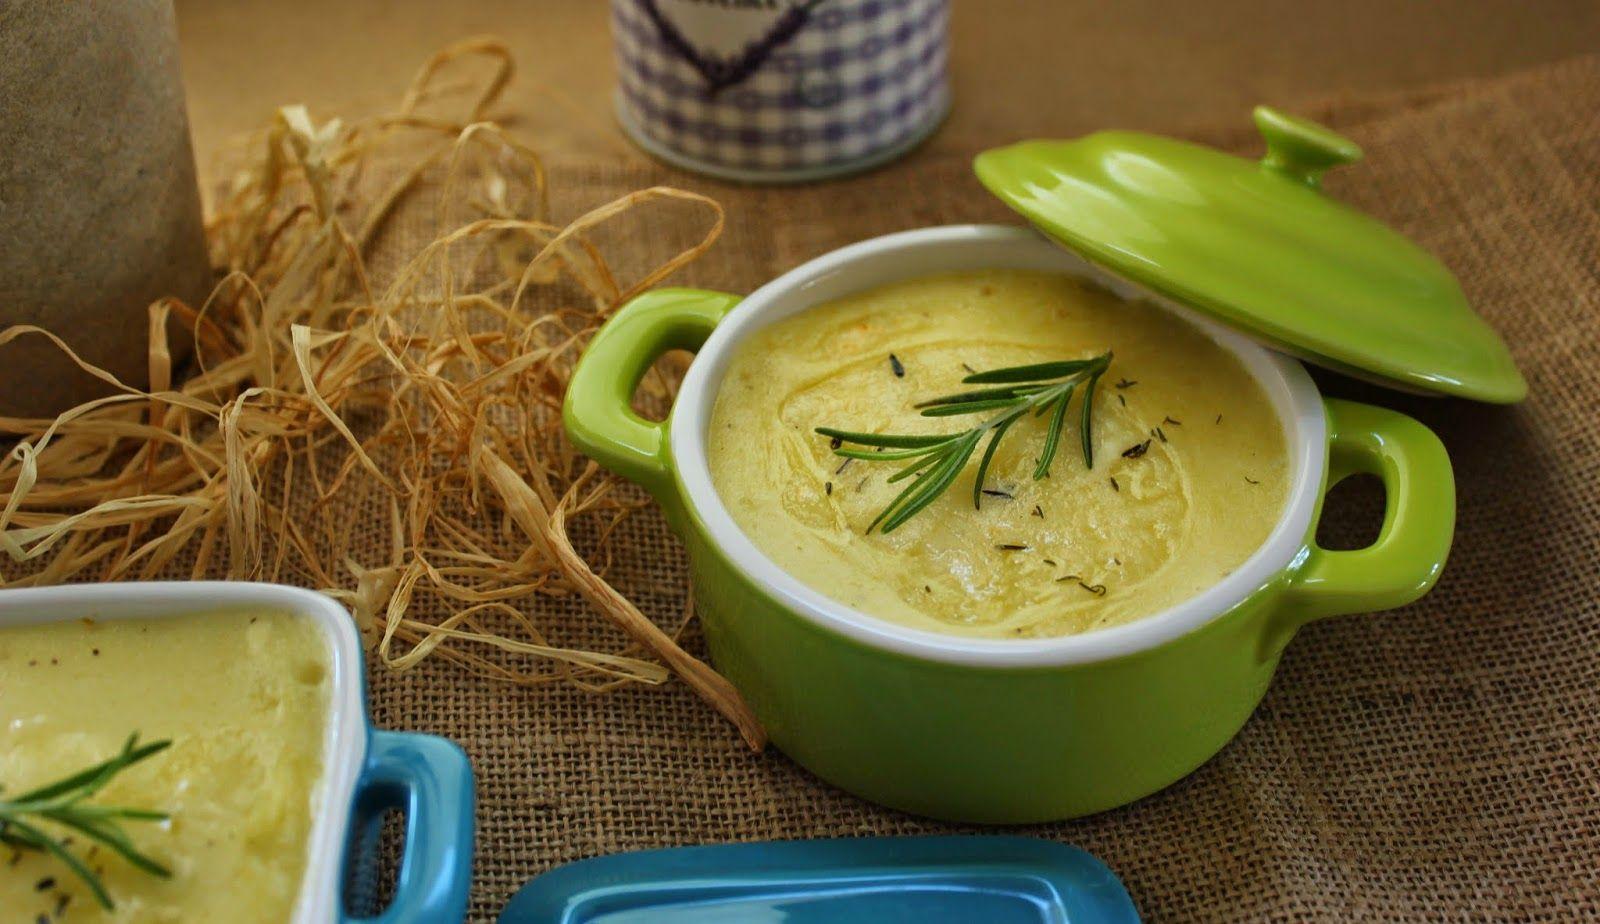 Hachis Parmentier. Cocinando con las chachas blog.